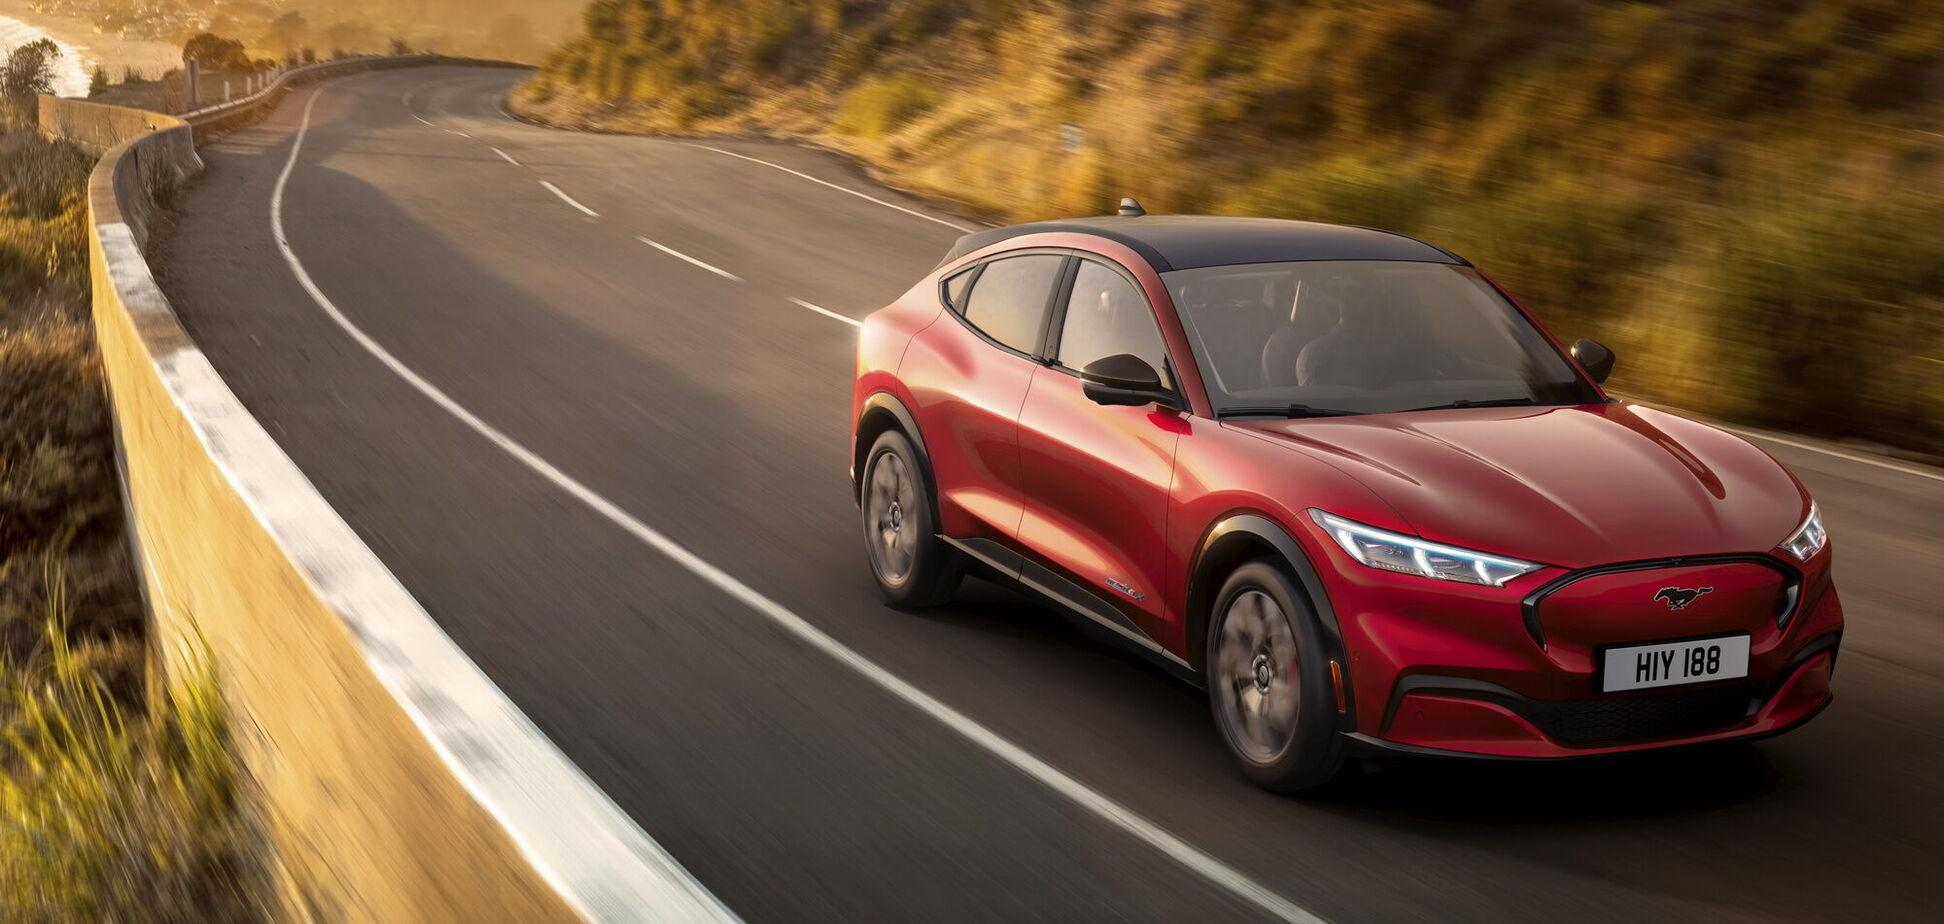 Ford виплатить компенсацію покупцям електричного Mustang Mach-e